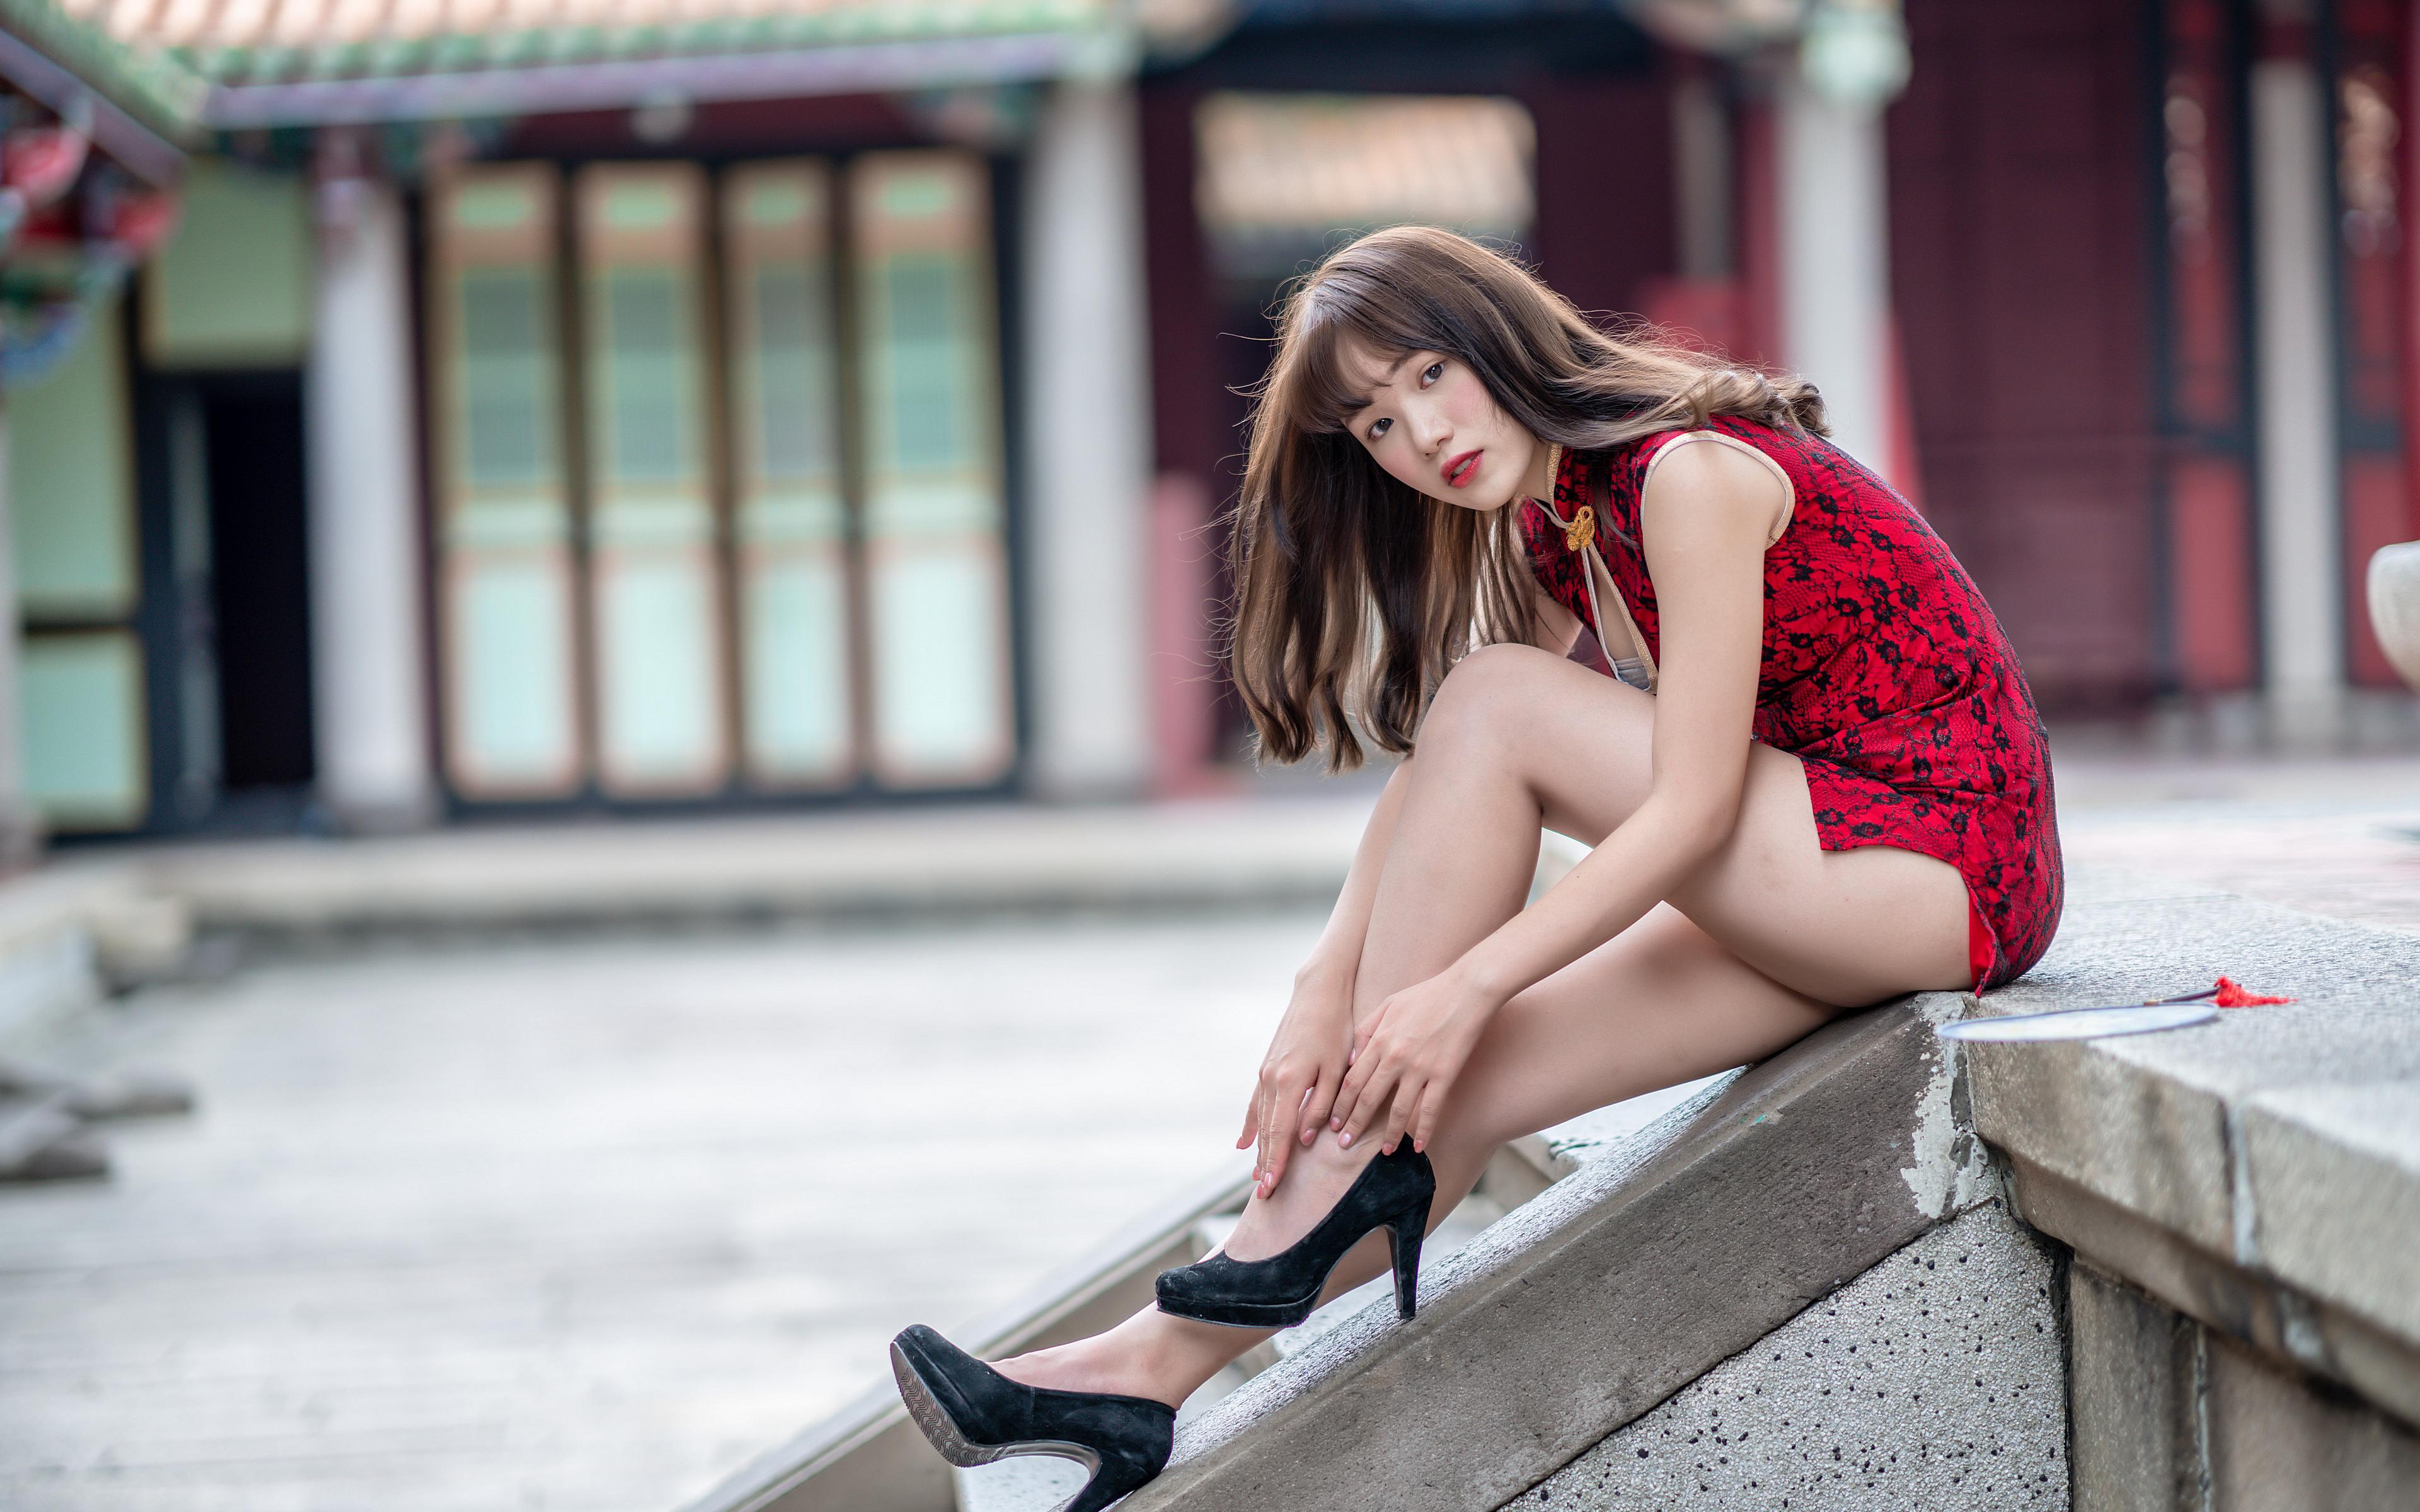 Desktop Hintergrundbilder Bokeh Mädchens Bein Asiaten sitzen Starren Kleid Stöckelschuh 3840x2400 unscharfer Hintergrund junge frau junge Frauen Asiatische asiatisches sitzt Sitzend Blick High Heels